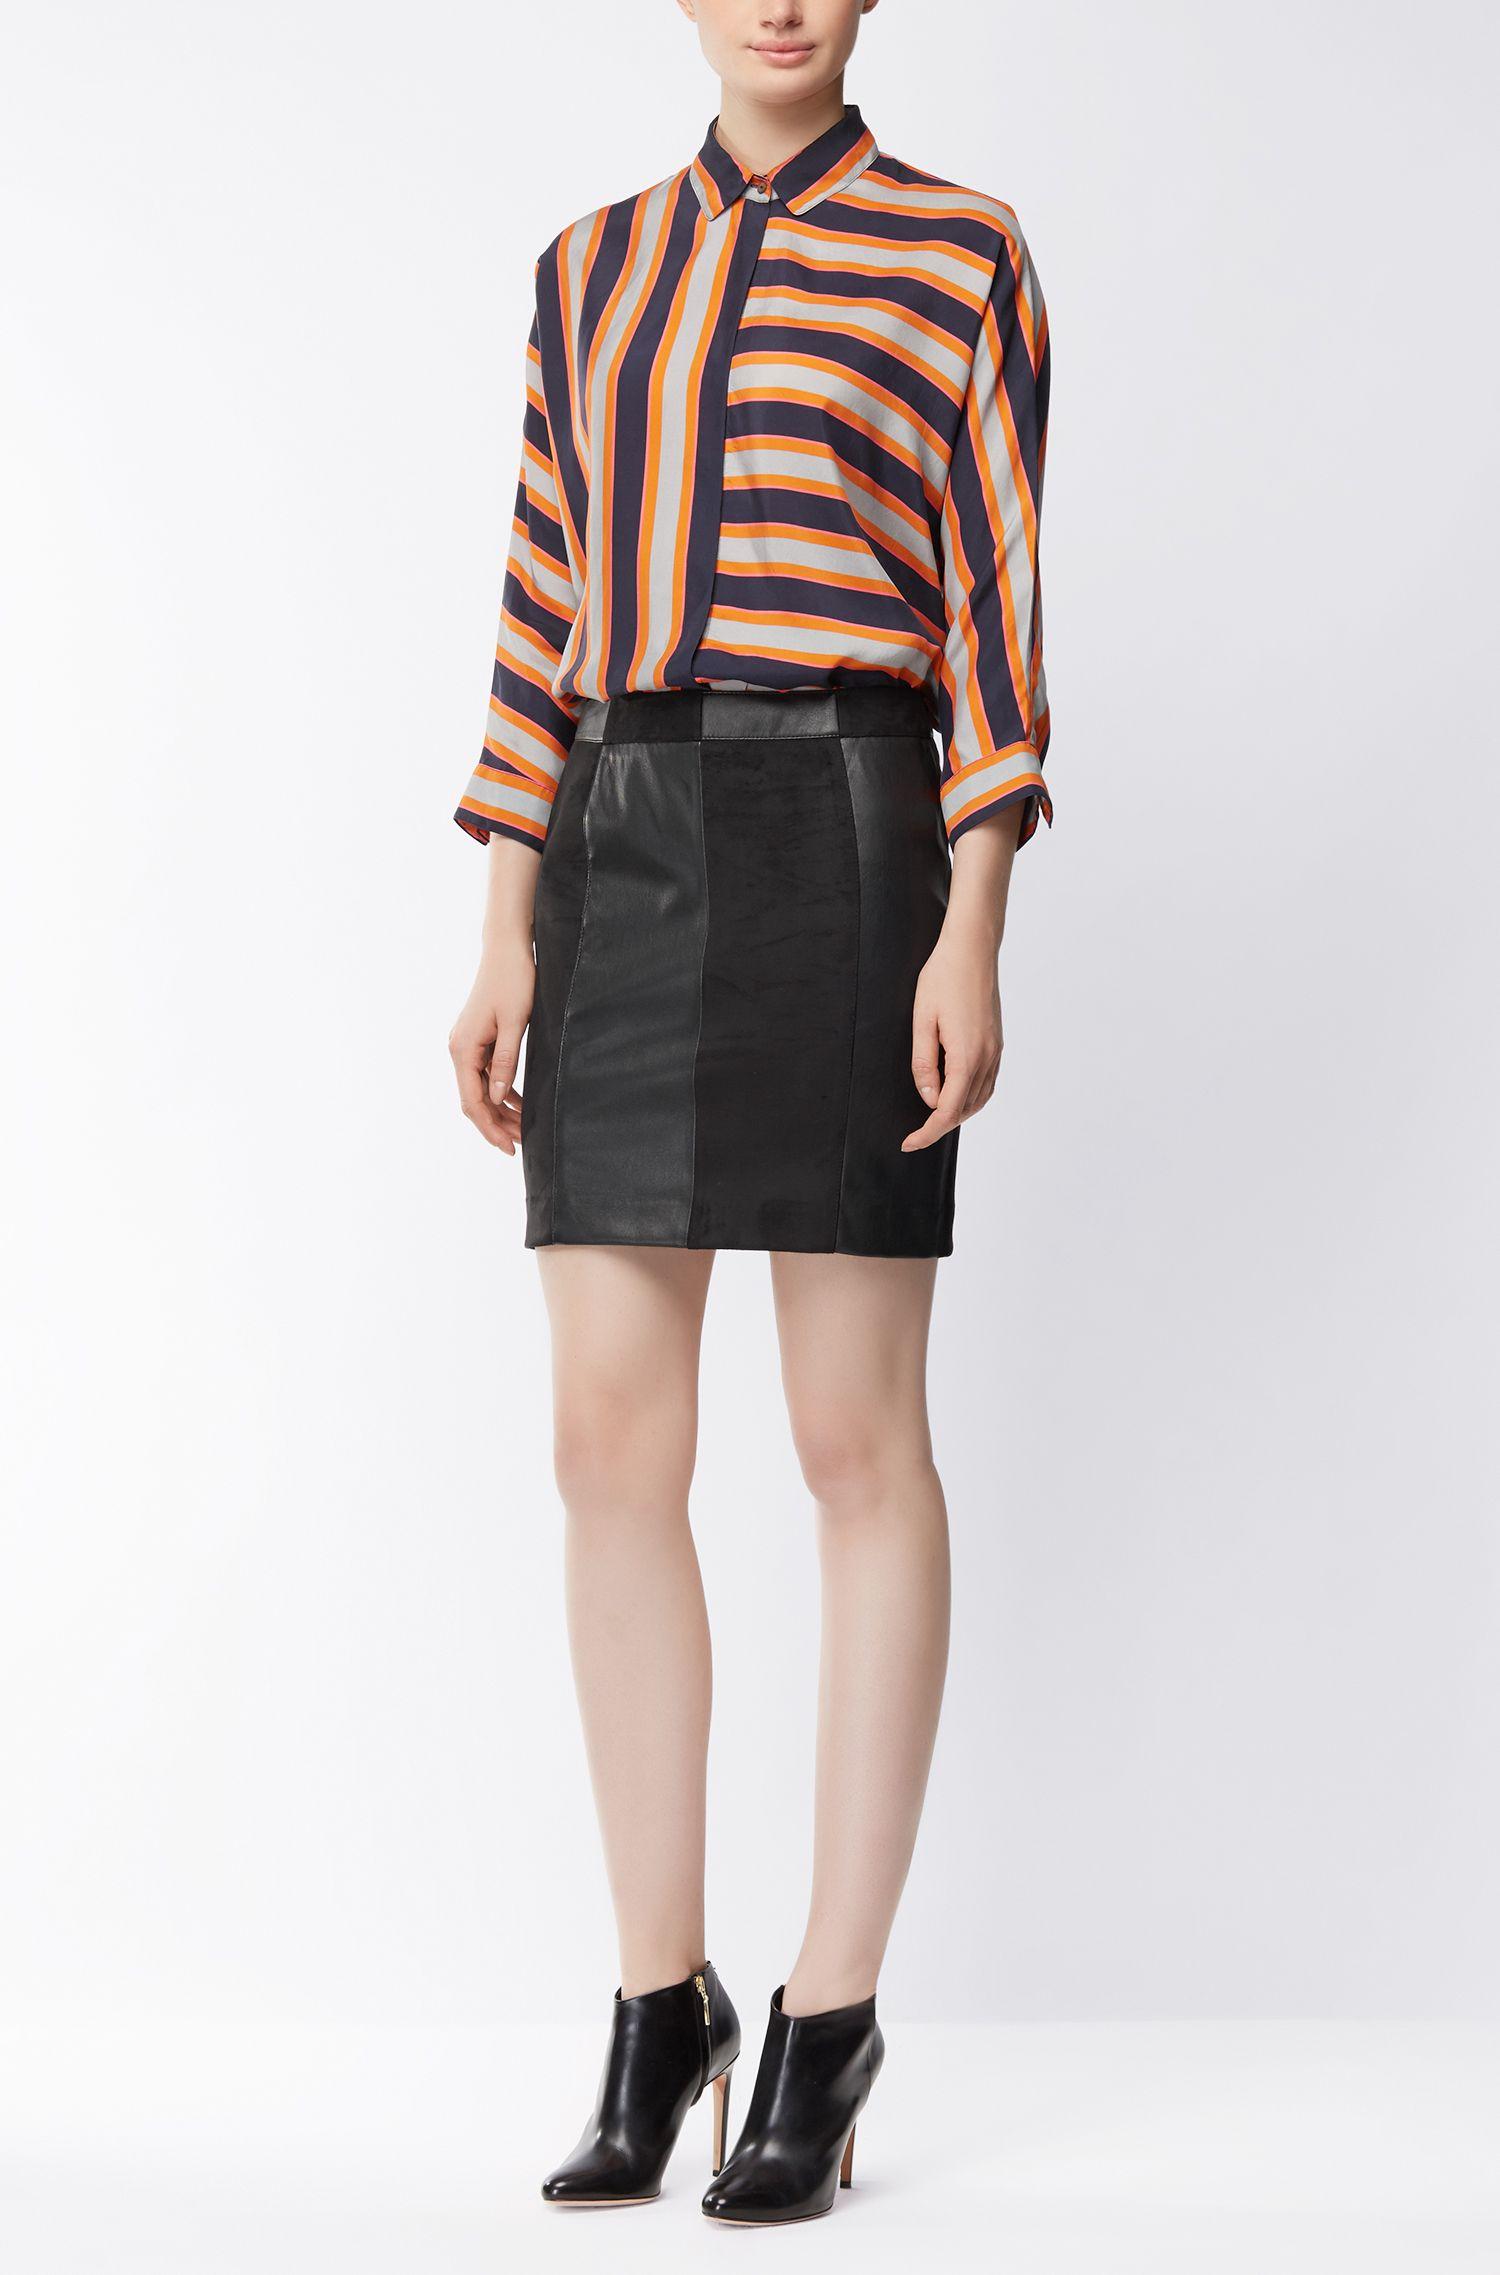 Minifalda híbrida en piel ecológica